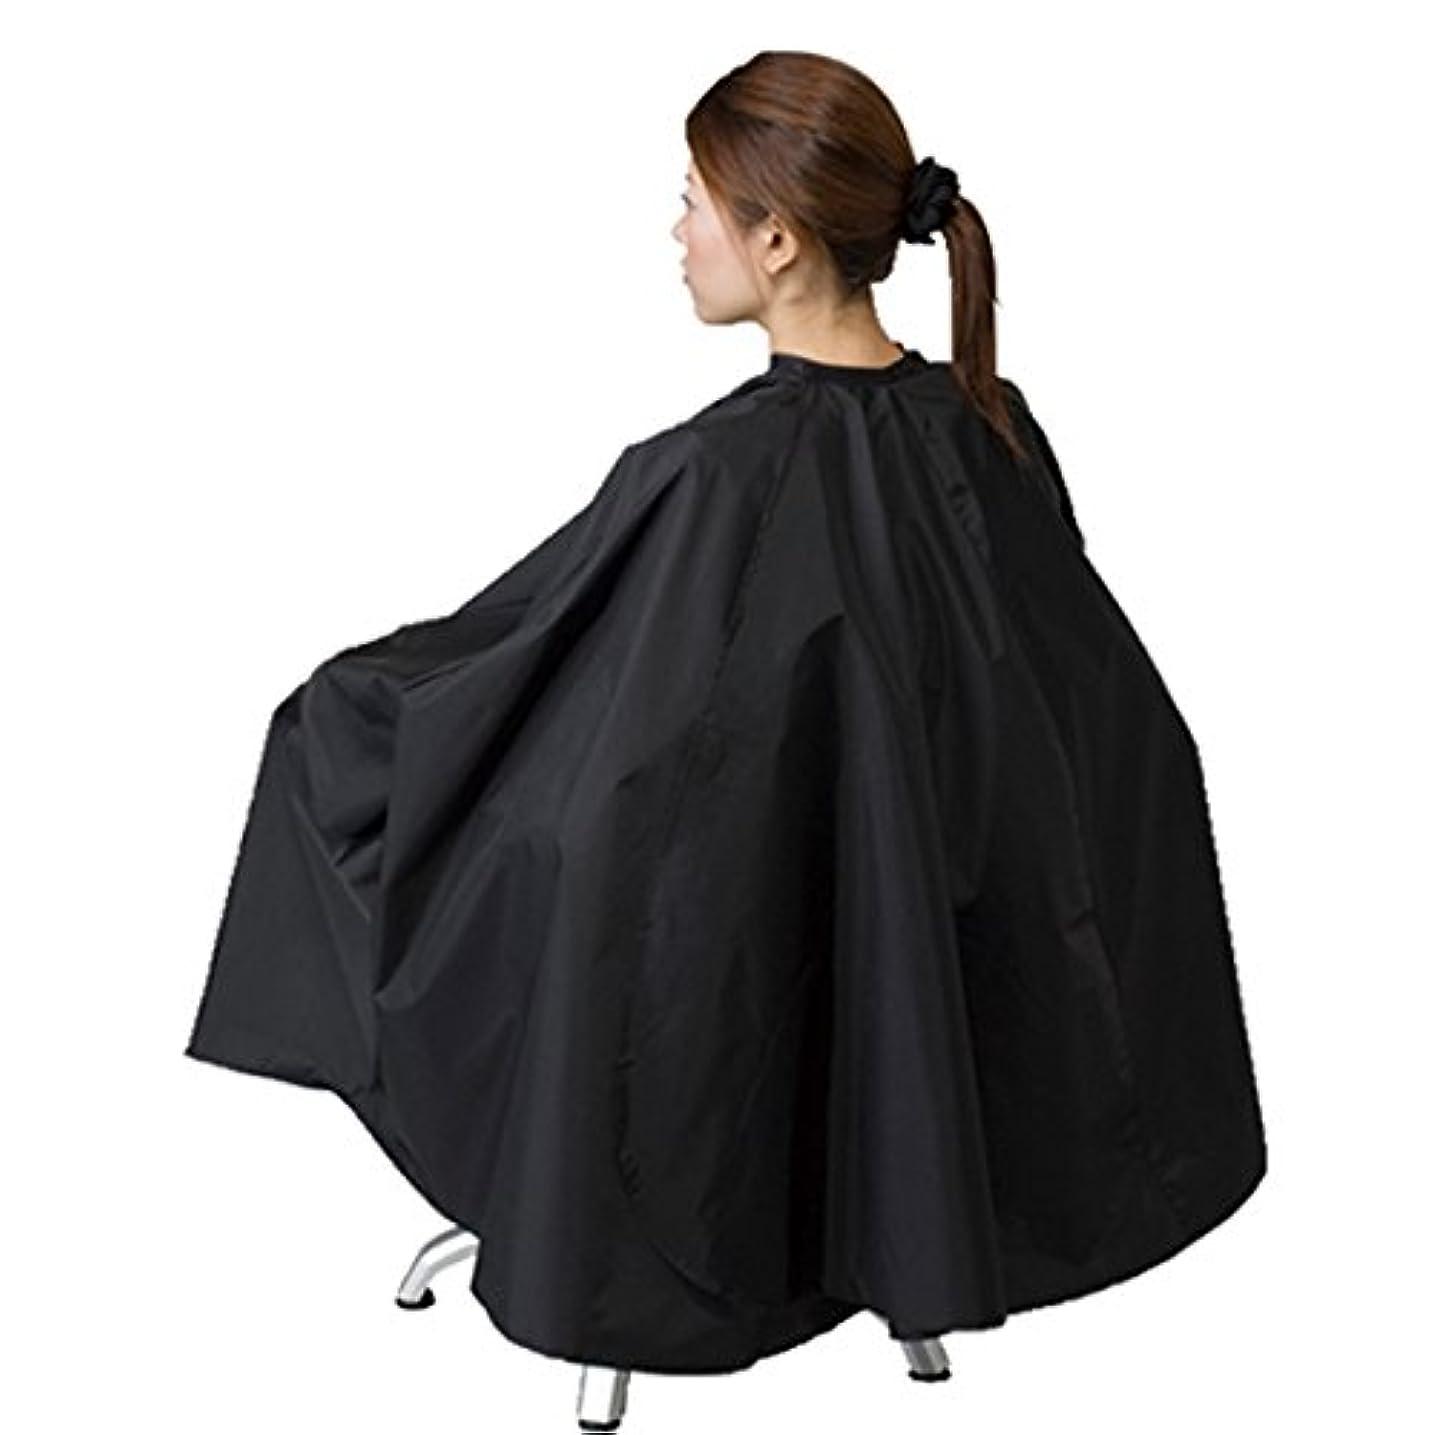 いいね情熱的鹿車イス?大型美容椅子対応 袖付 ヘアダイクロス エルコ 9777 BOX チェアー 毛染め用 訪問理美容にも ELCO (ブラック)